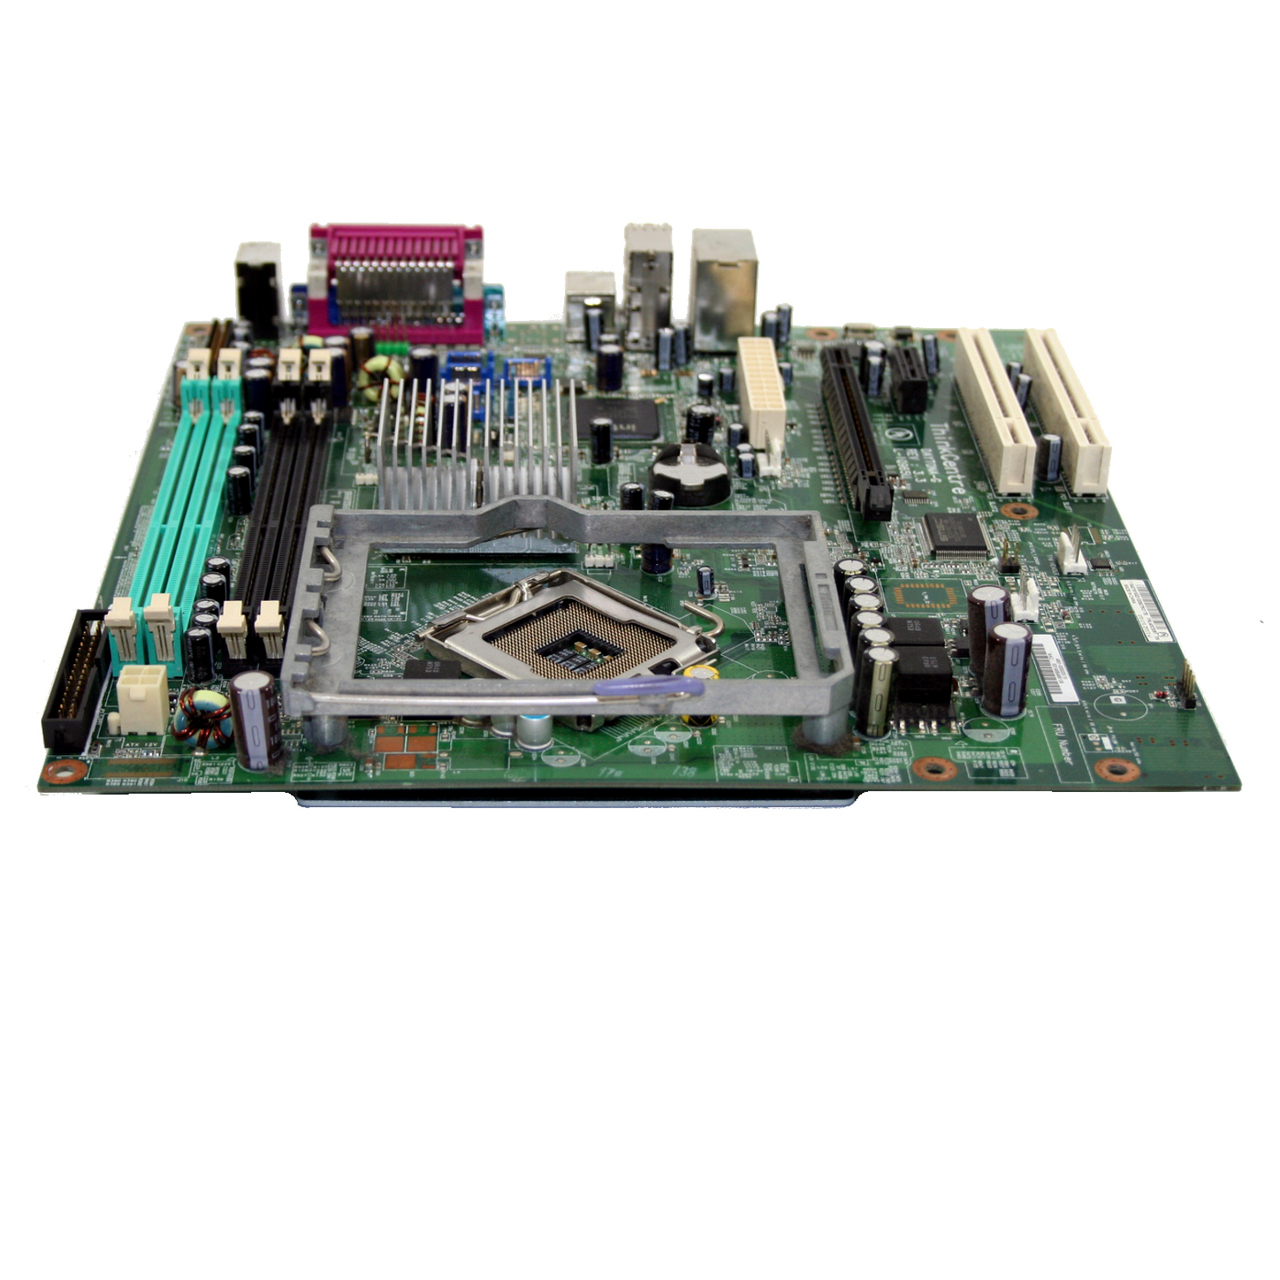 43C0061 Lenovo ThinkCentre M55P Core 2 Duo System Board W/O CPU